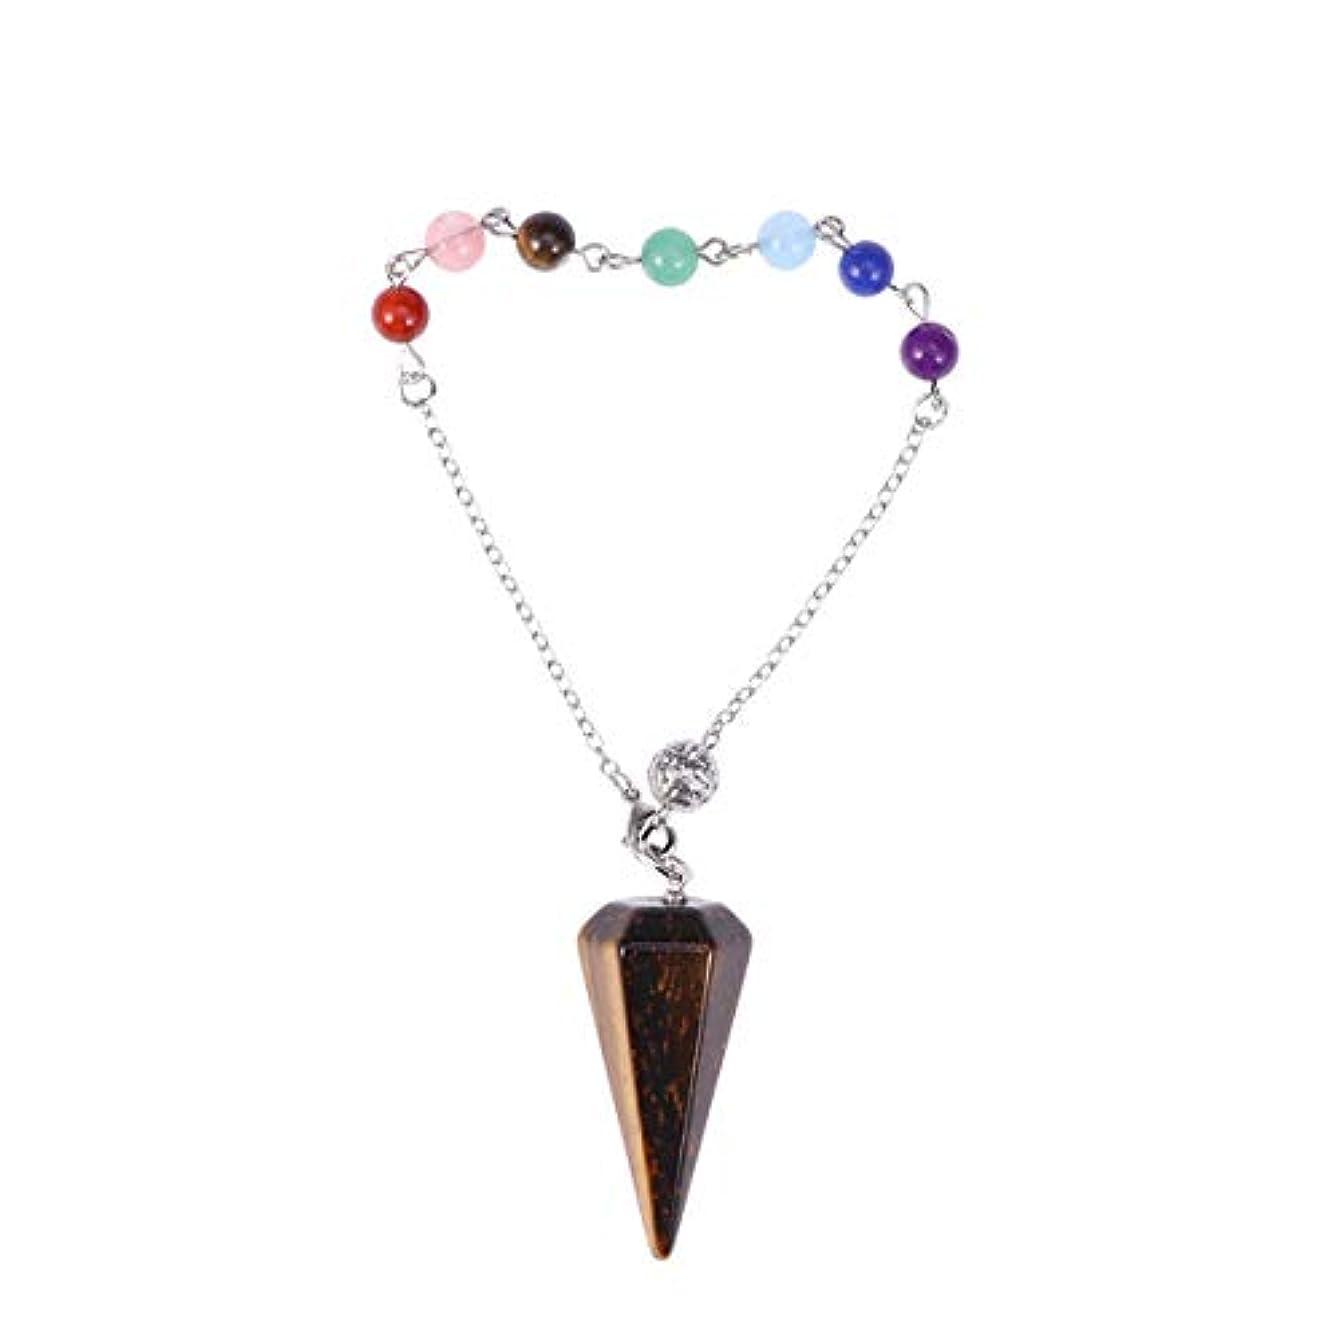 遺跡ショップ署名HEALIFTY 天然水晶六角形ペンダントチャクラチェーンペンダント(タイガーアイ宝石)